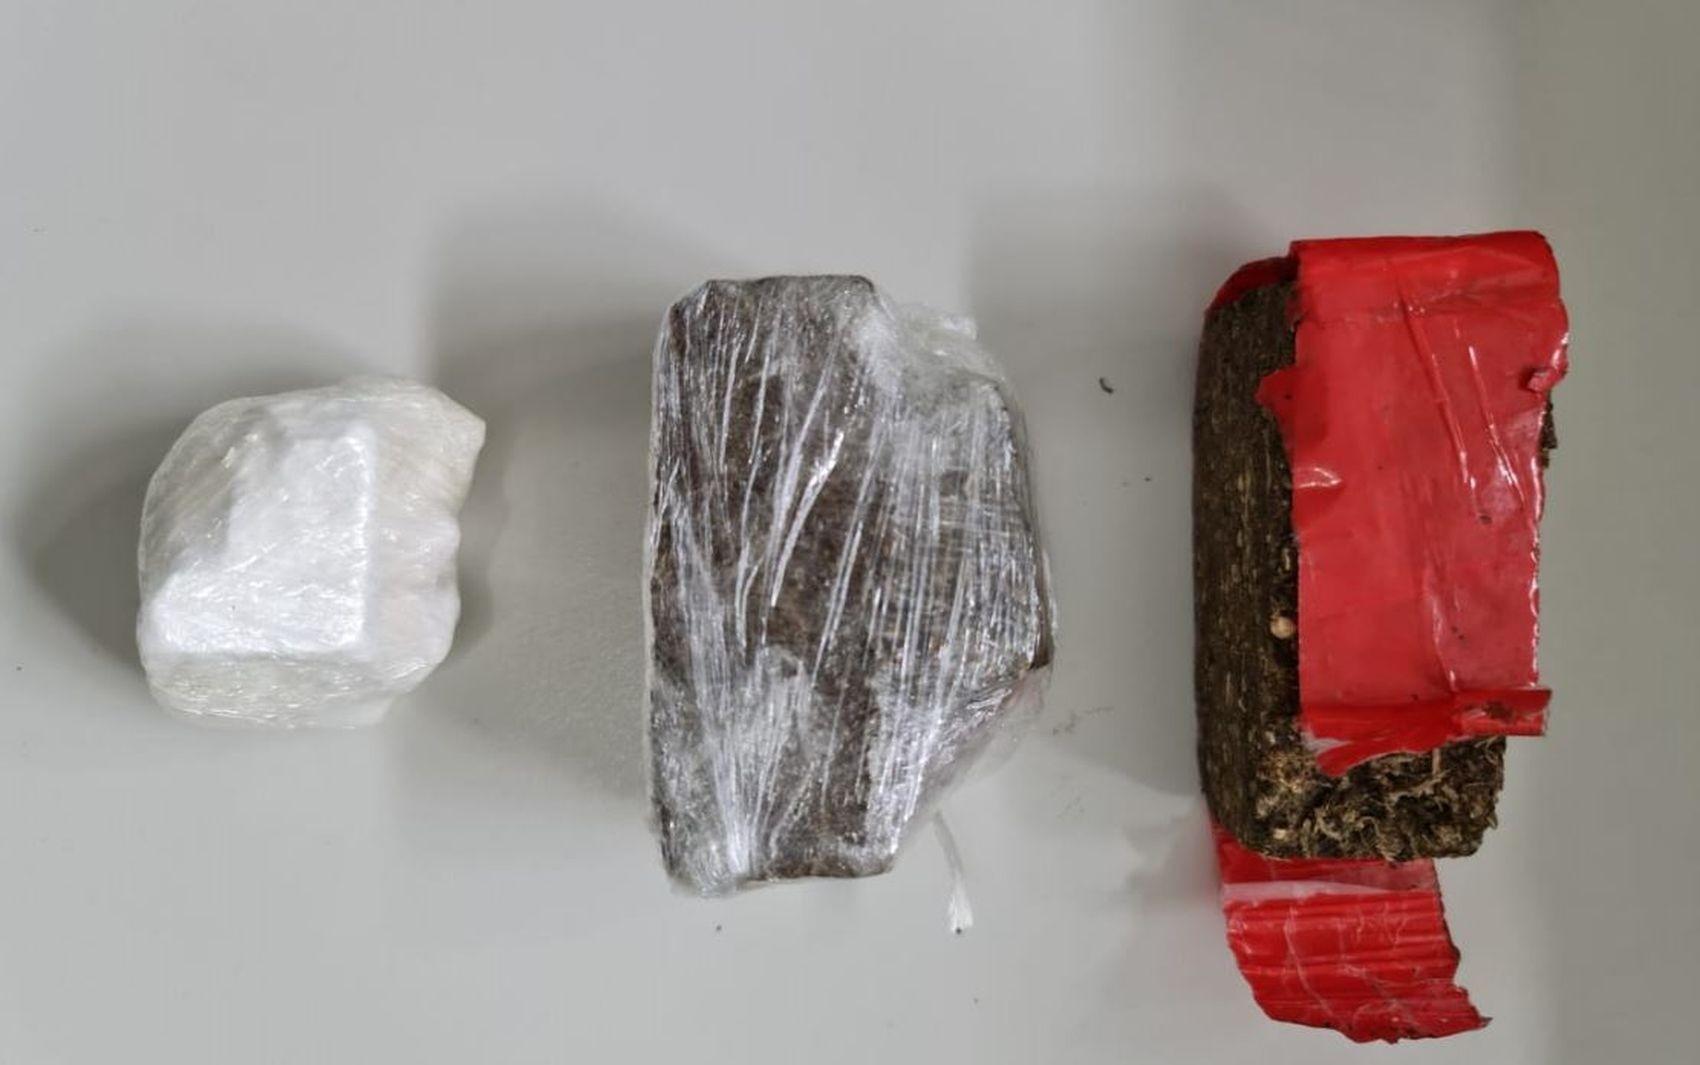 Homem é preso suspeito de tráfico de drogas em Tobias Barreto